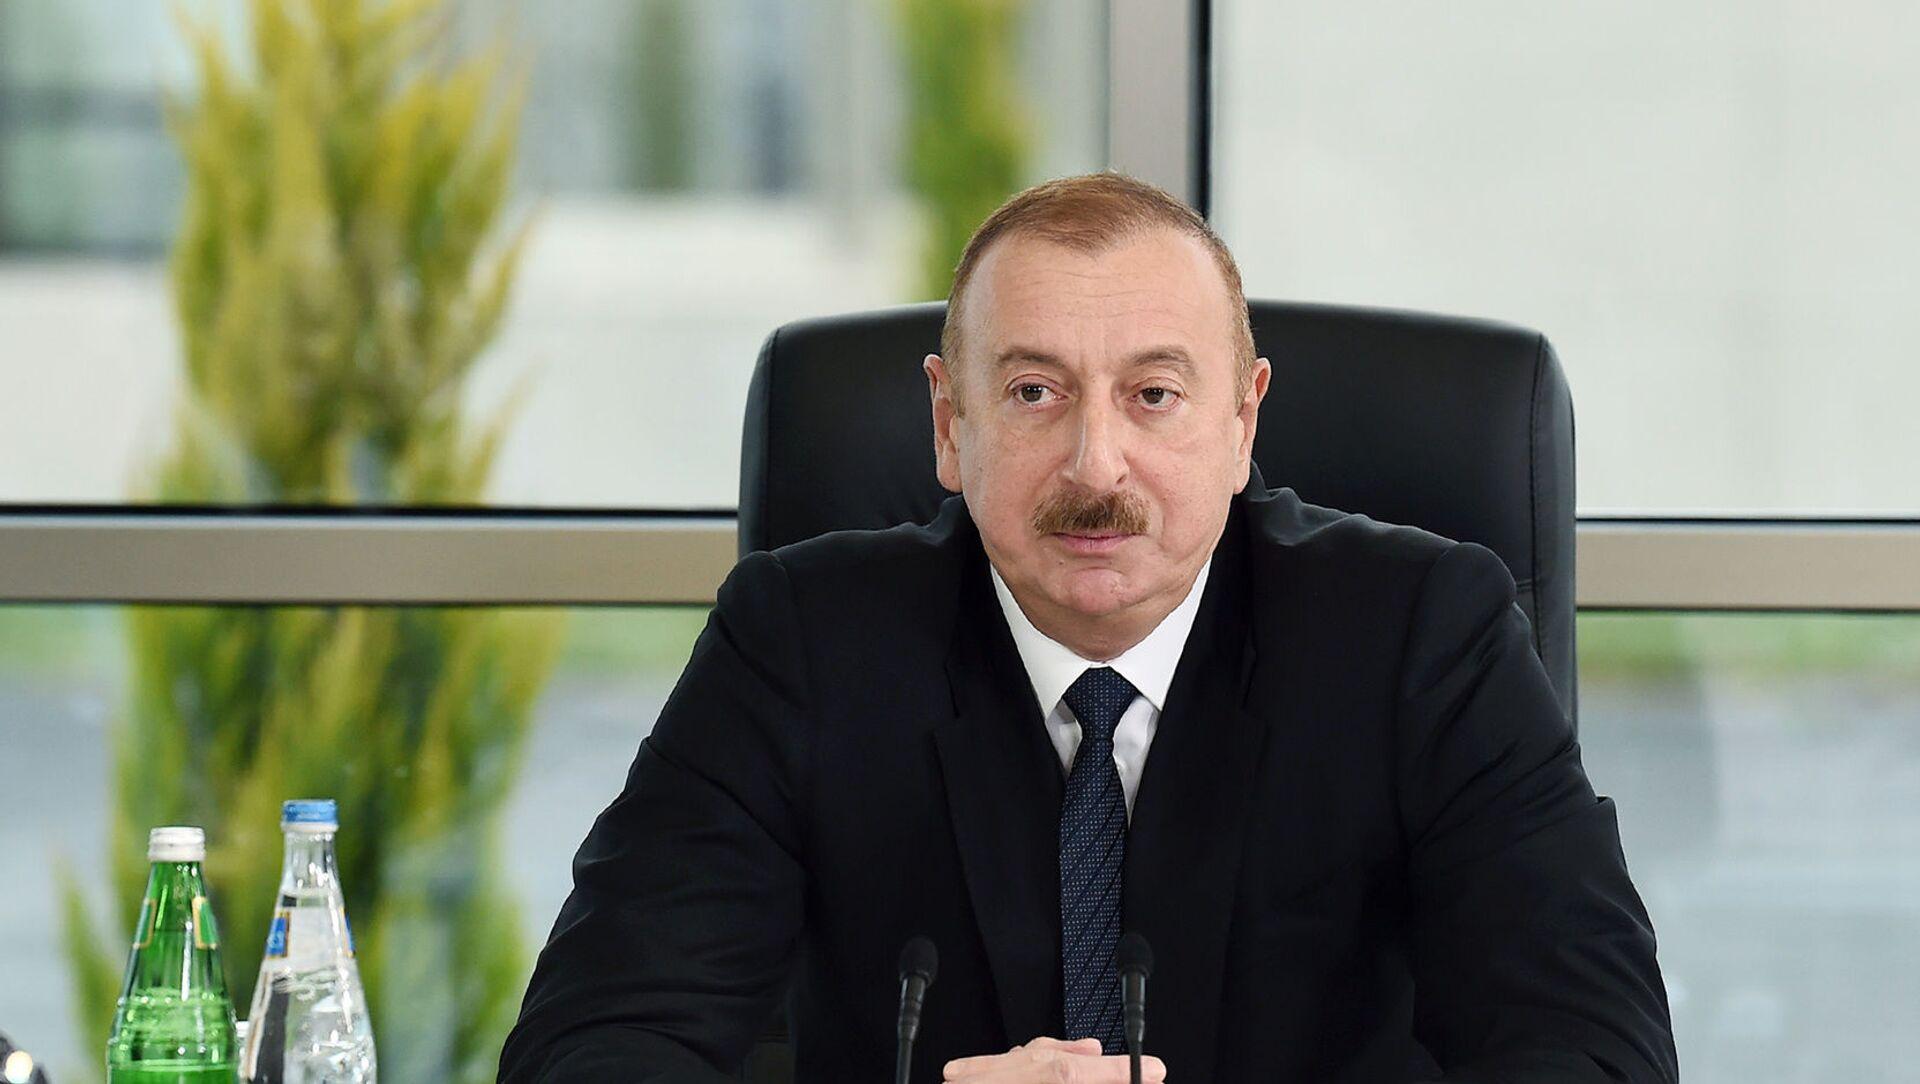 Prezident İlham Əliyev Şamaxıda ASAN Həyat kompleksinin açılışında  - Sputnik Azərbaycan, 1920, 06.09.2021